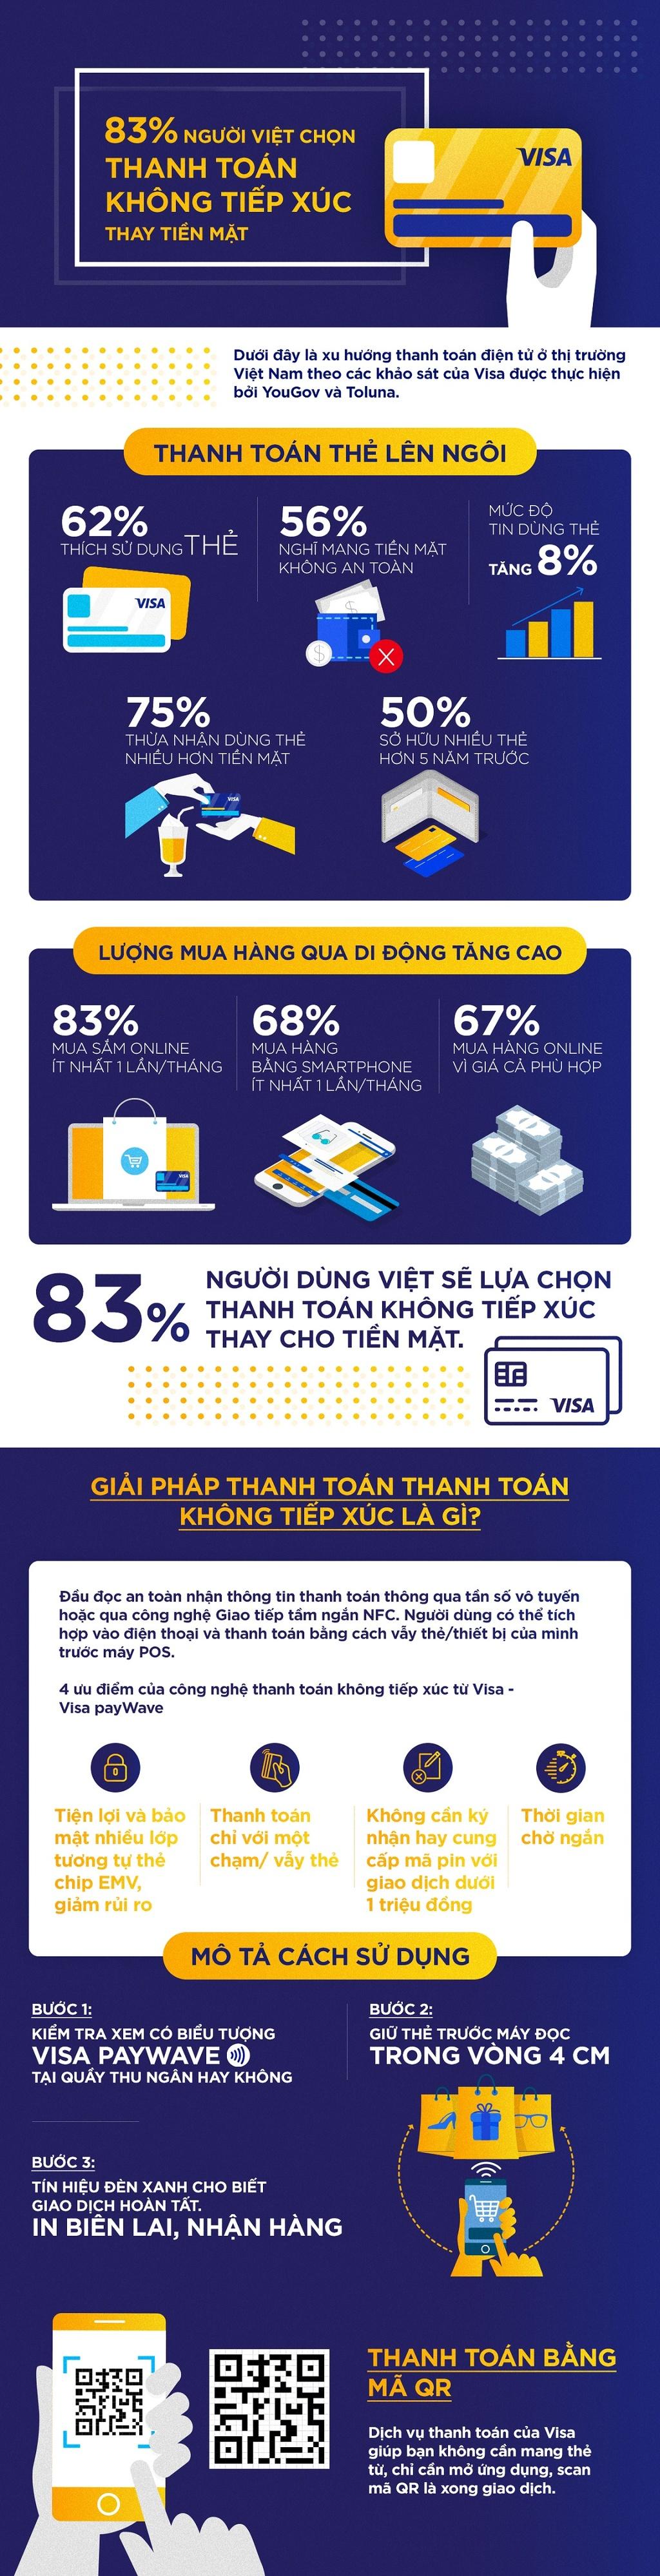 83% nguoi Viet chon thanh toan khong tiep xuc thay tien mat hinh anh 1